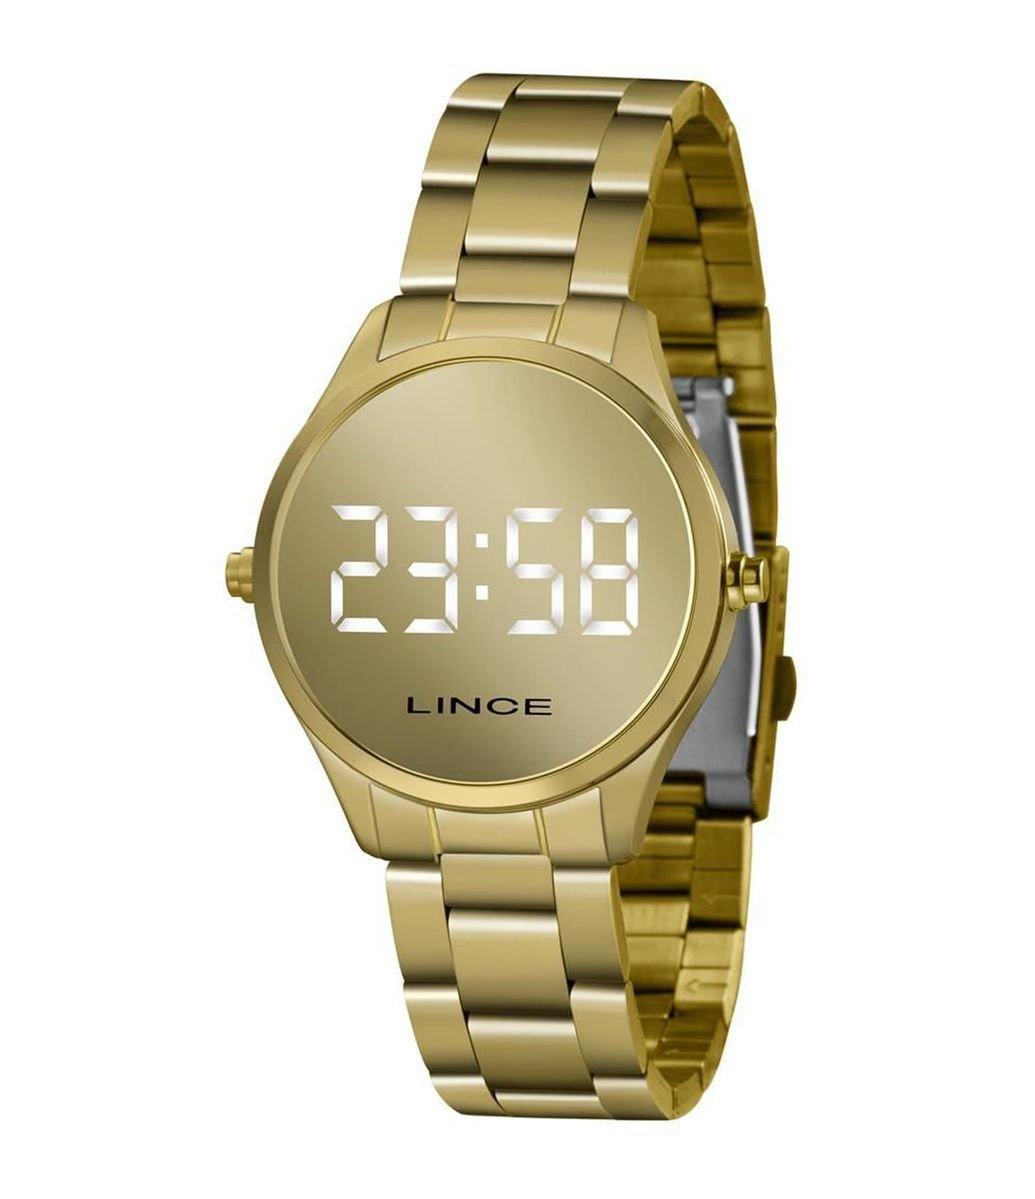 Relógio Lince MDG4617LBXRX